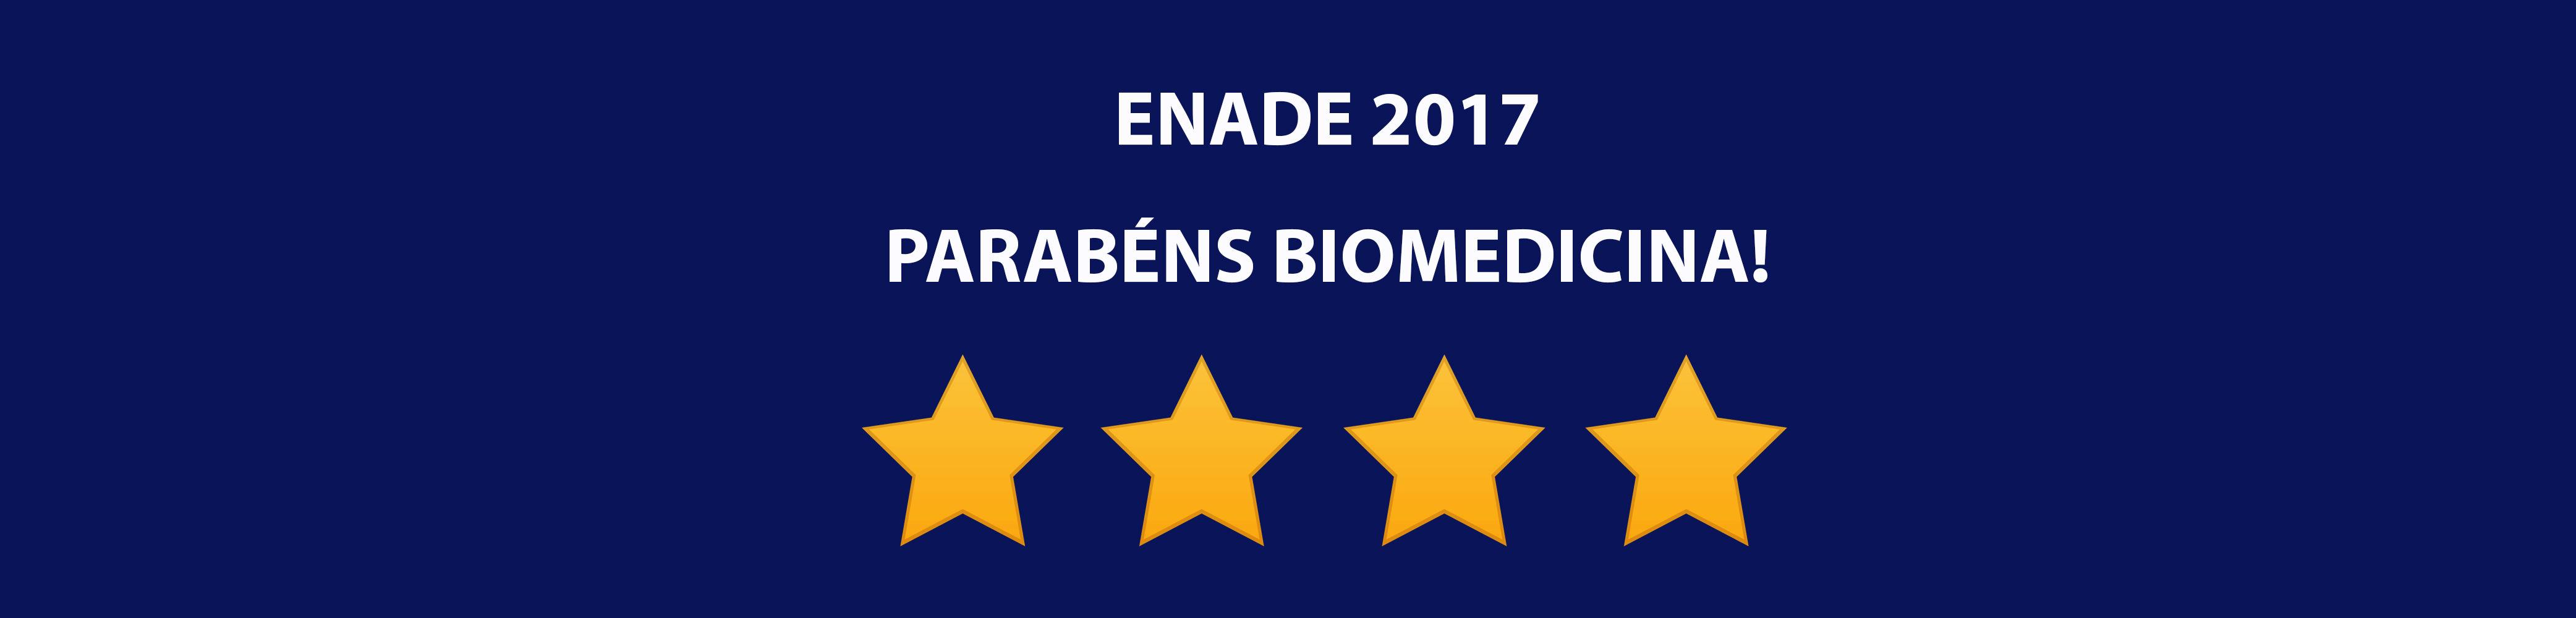 ENADE2017-1